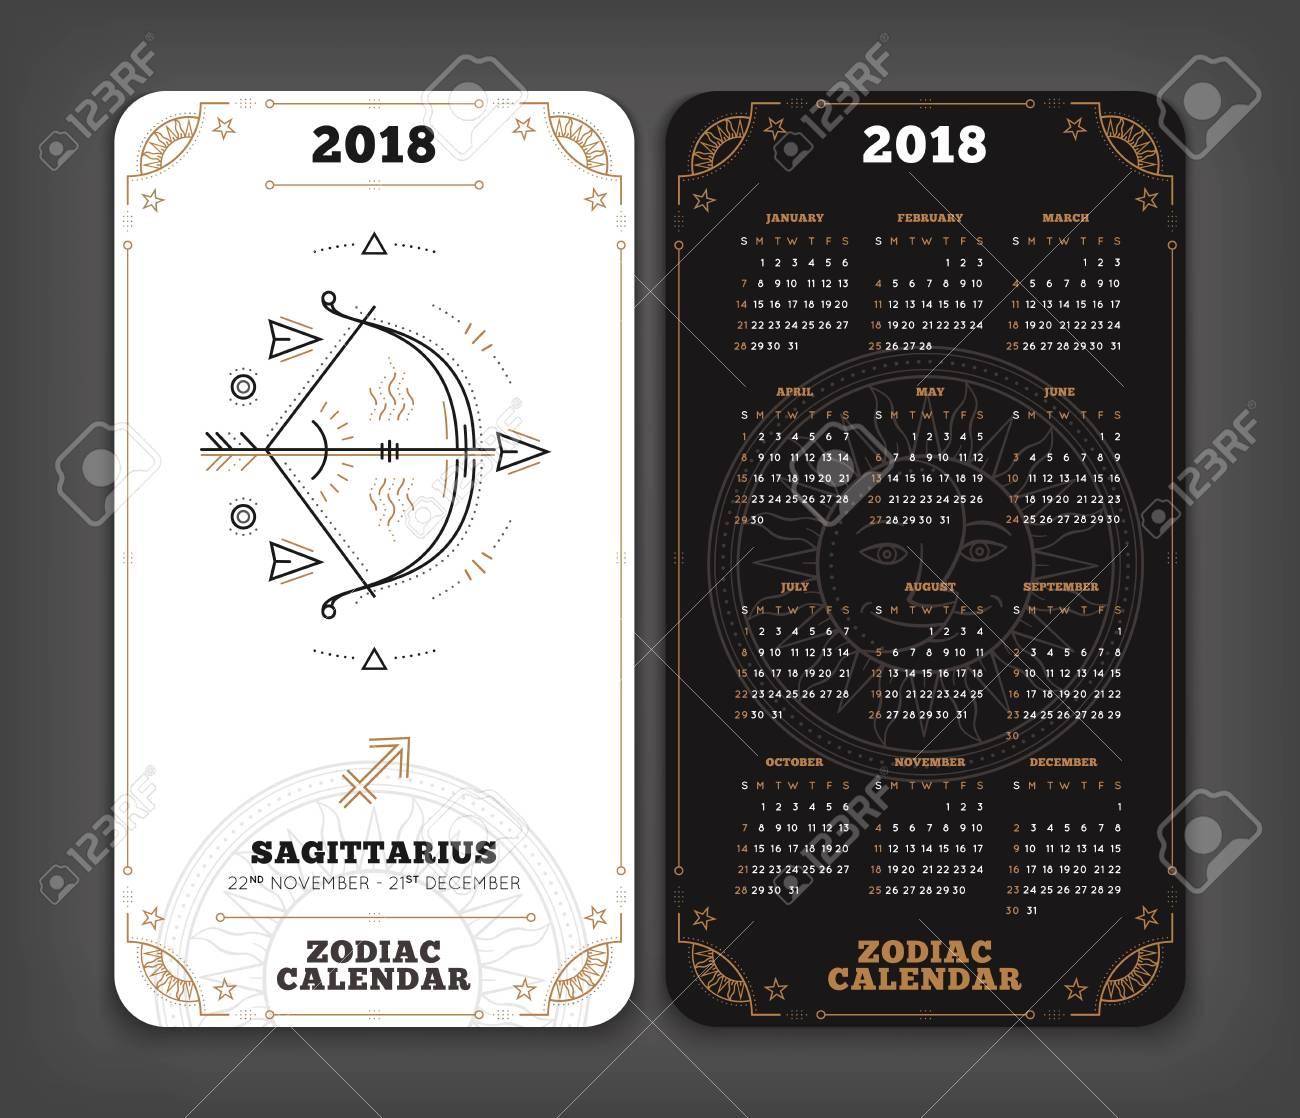 sagitario 2018 año zodiaco calendario de tamaño vertical de bolsillo